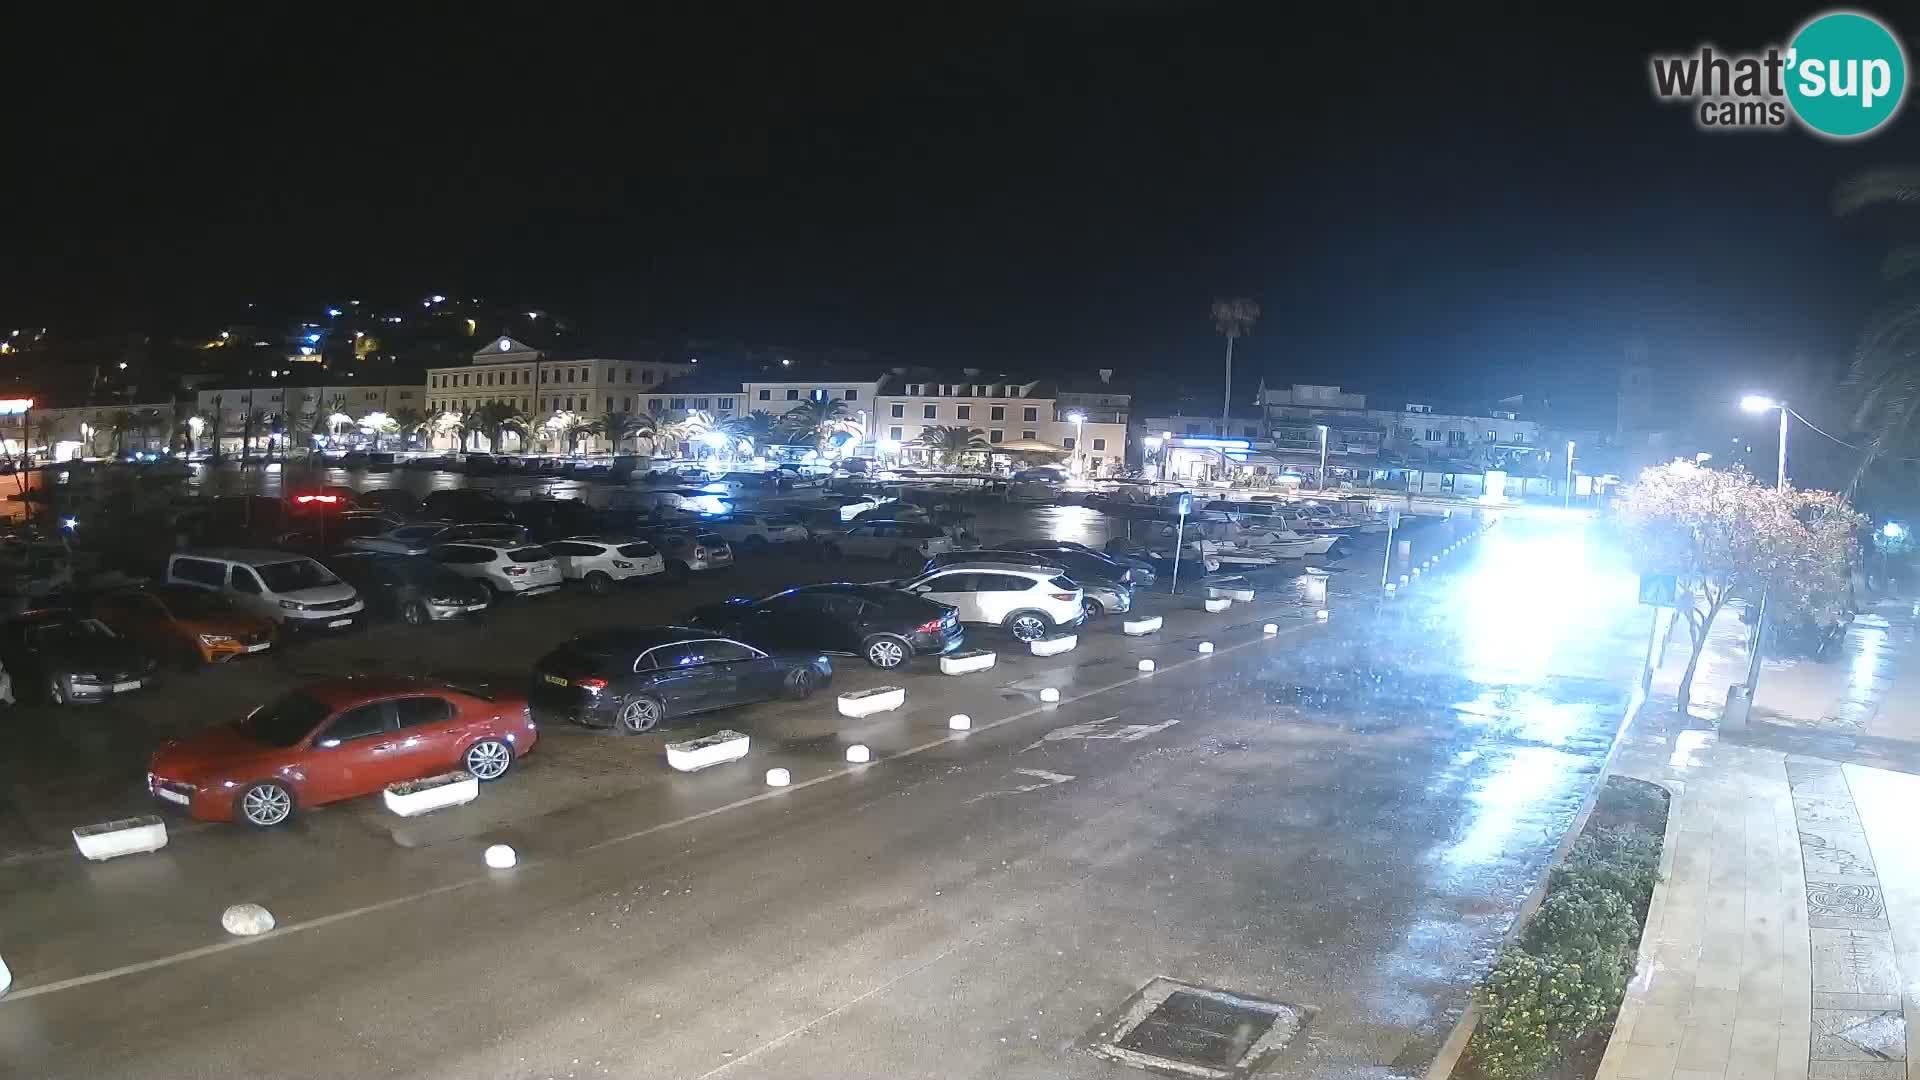 Vellagrande – Curzola